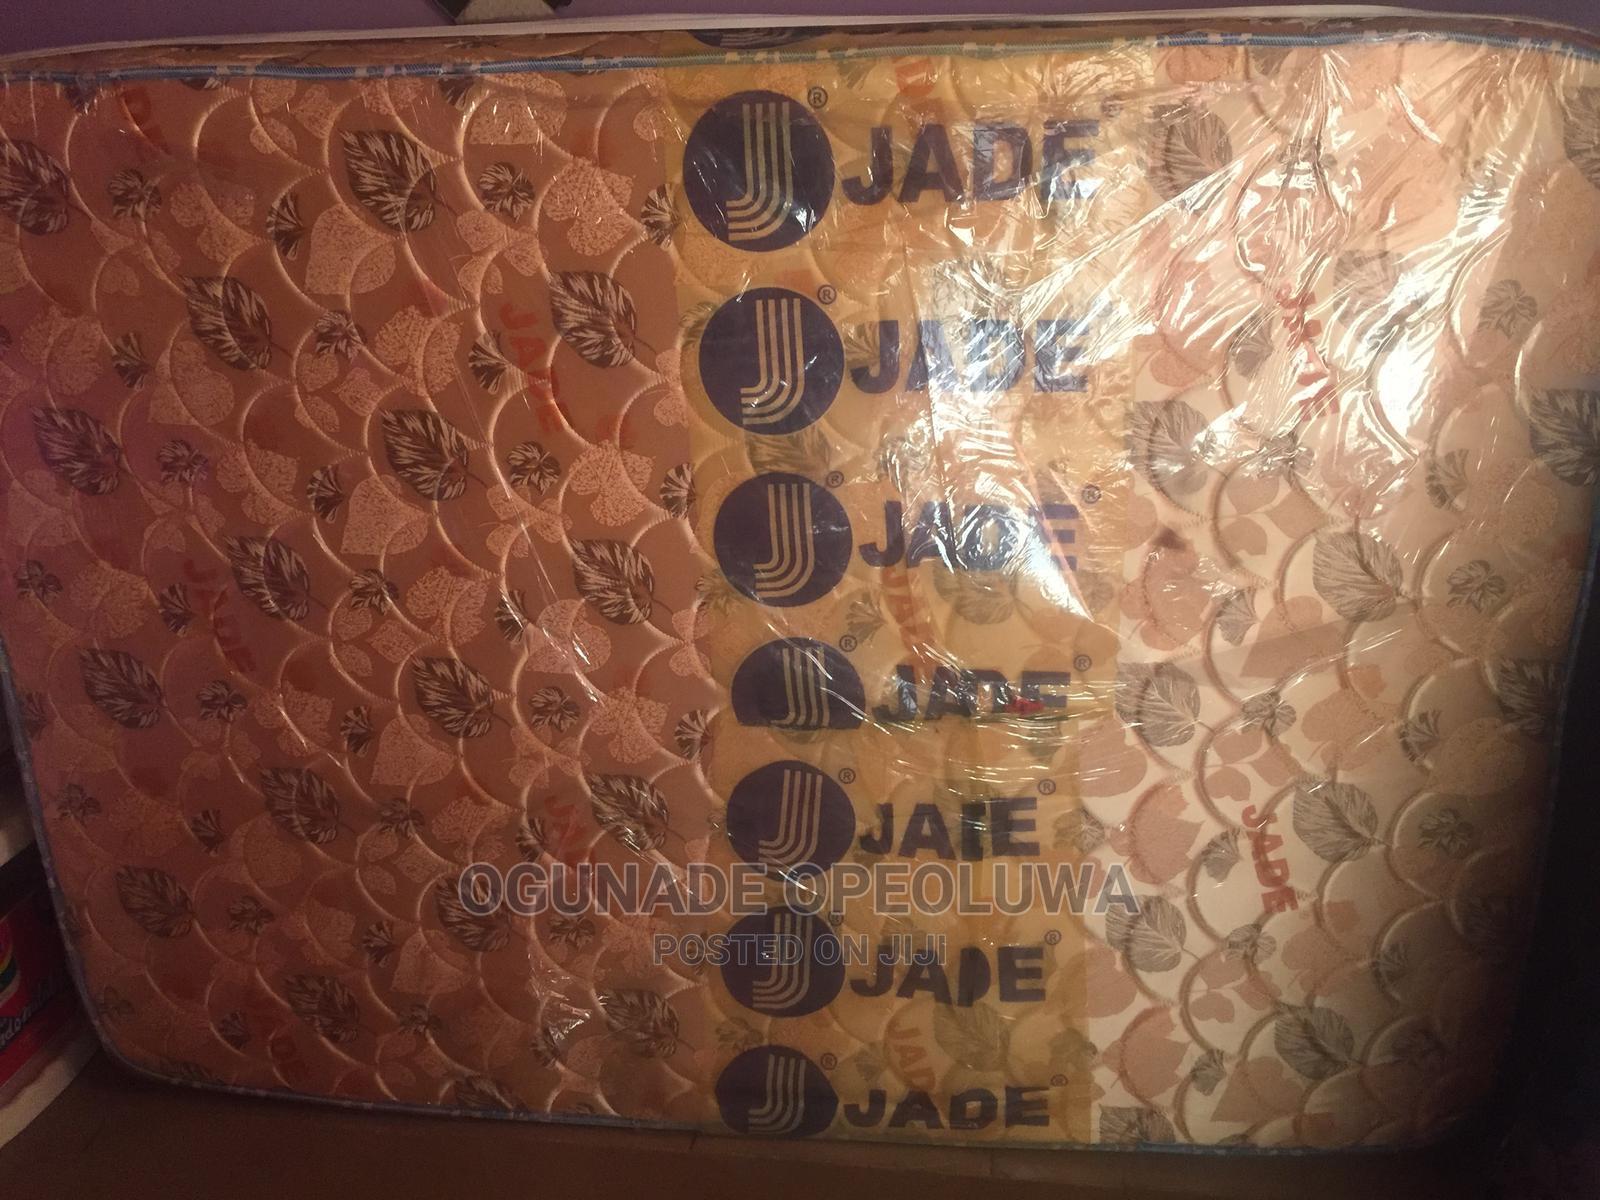 41/5by 10 Mattress | Furniture for sale in Ijebu Ode, Ogun State, Nigeria